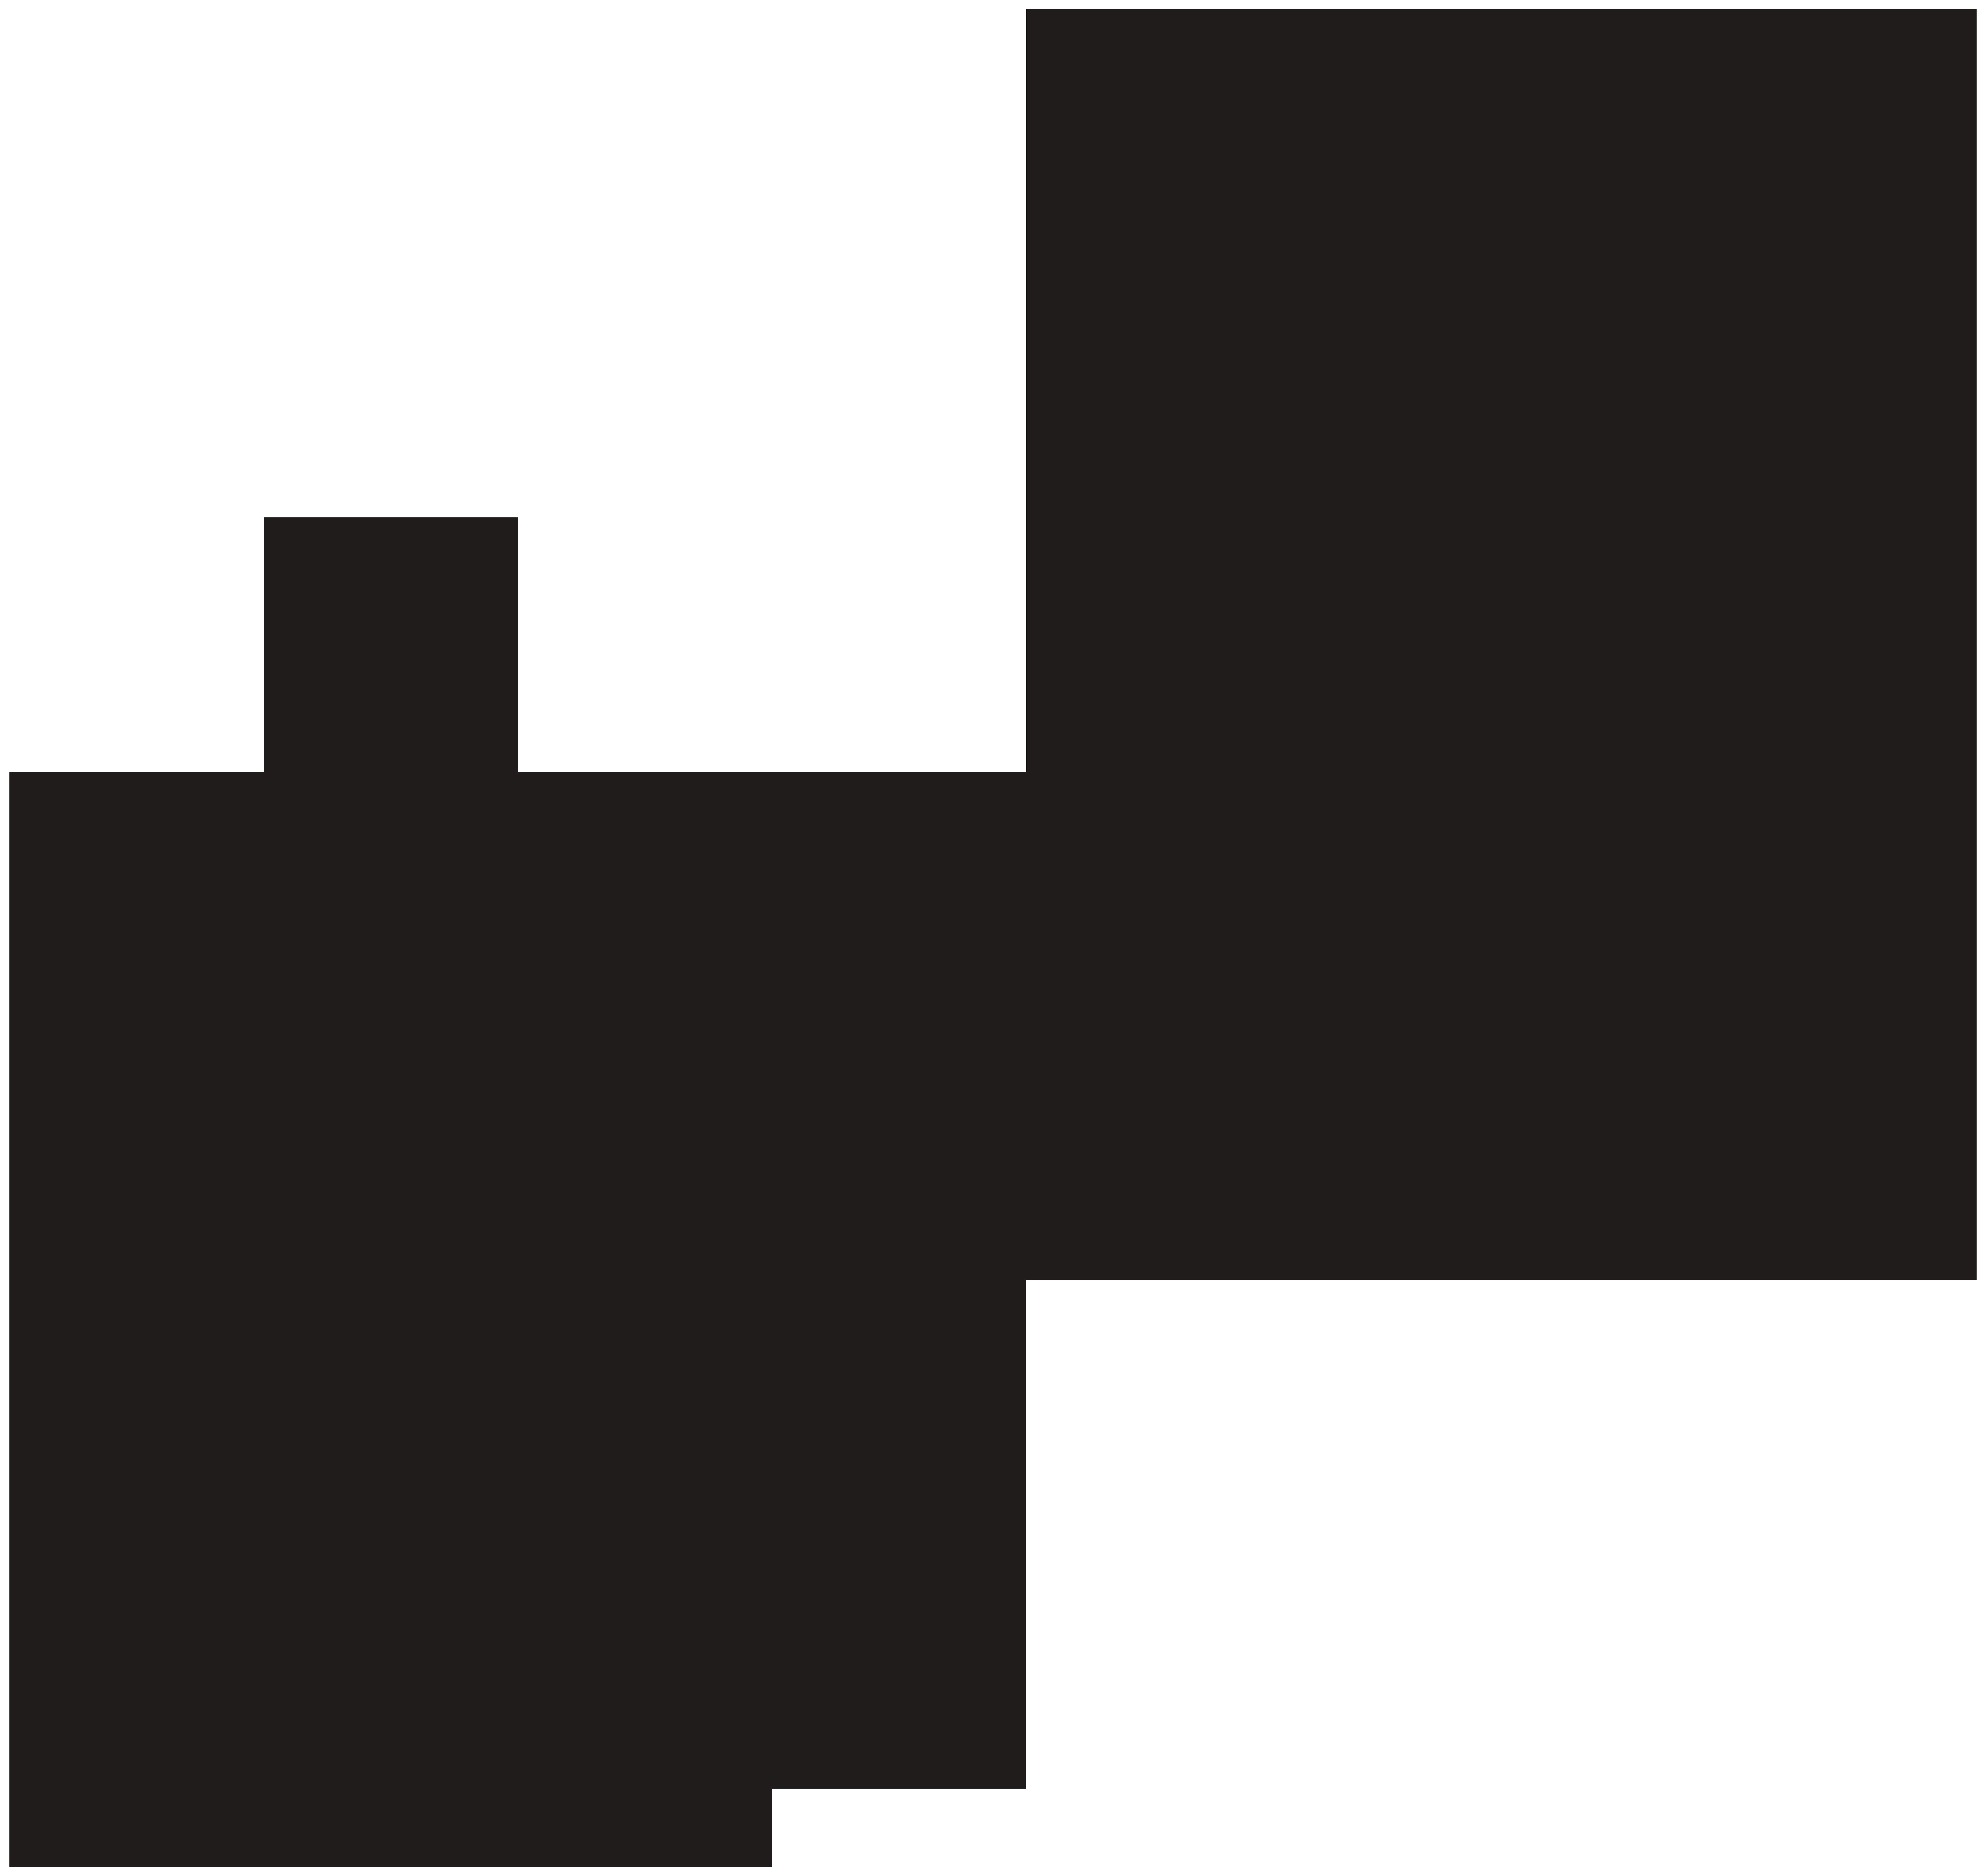 Lion Paws Clip Art Image.